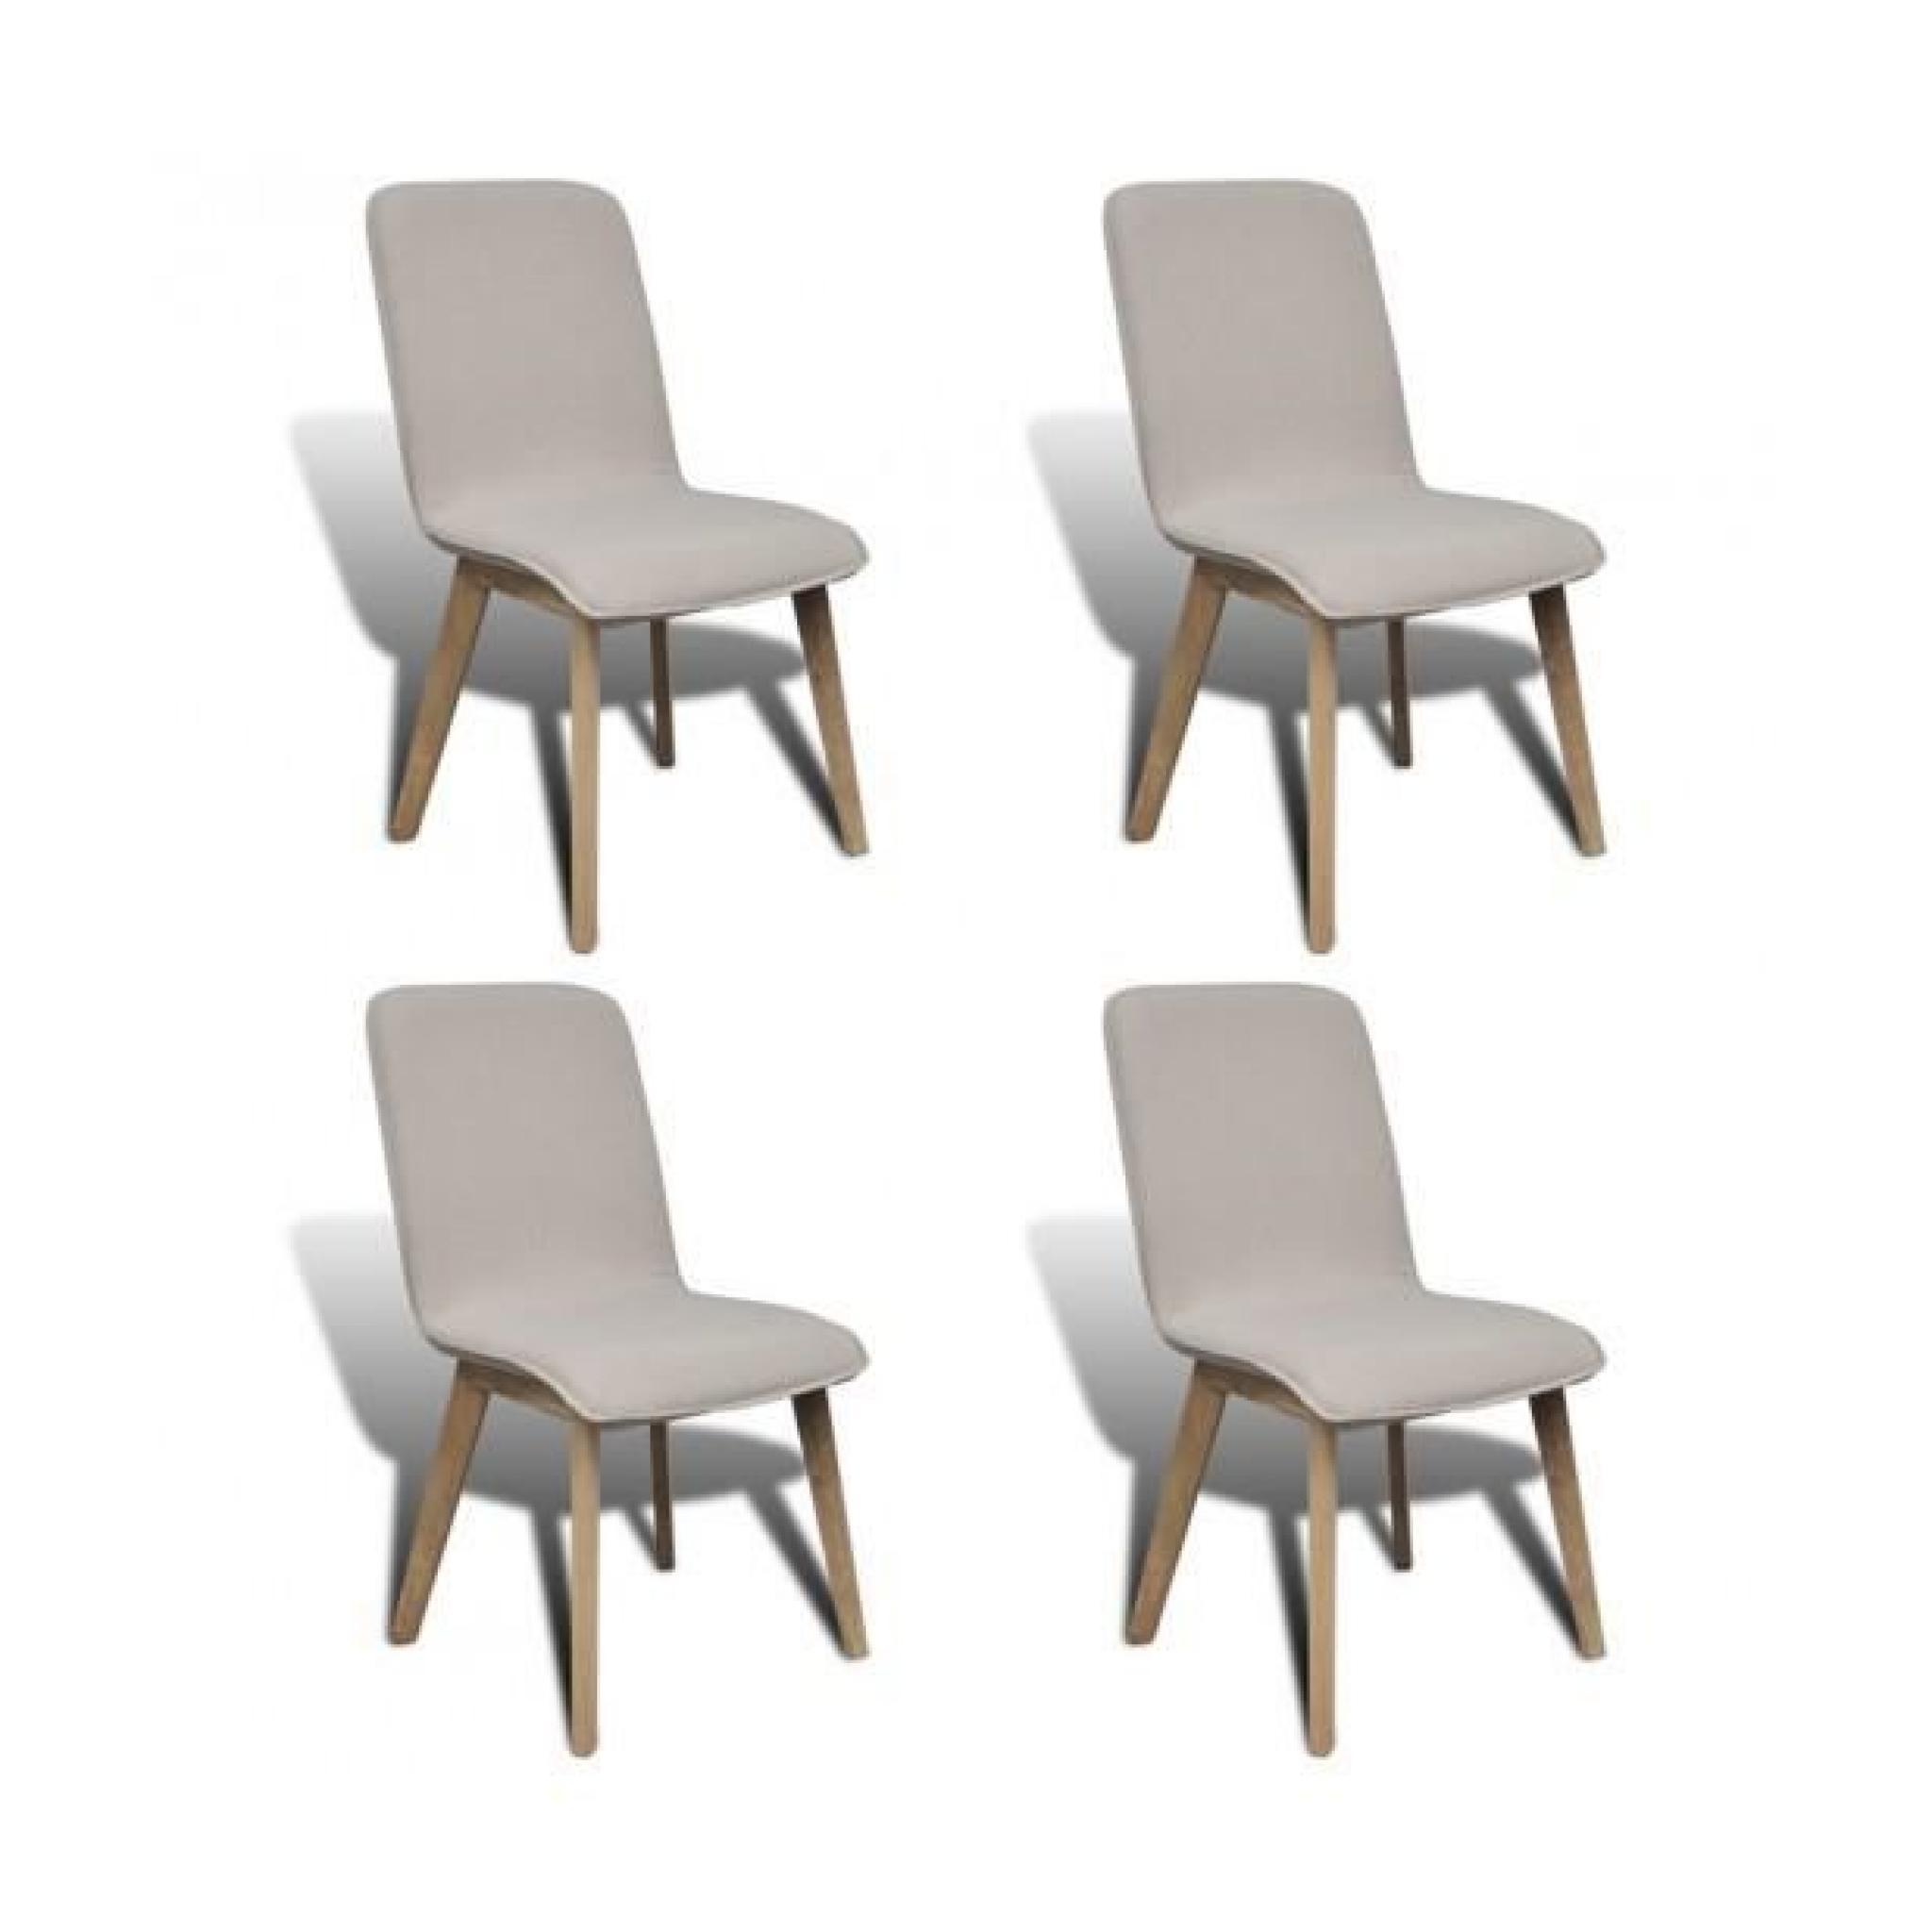 superbe set de 4 chaises gondole pour intrieur en chne en tissu - Salle A Manger Beige Clair